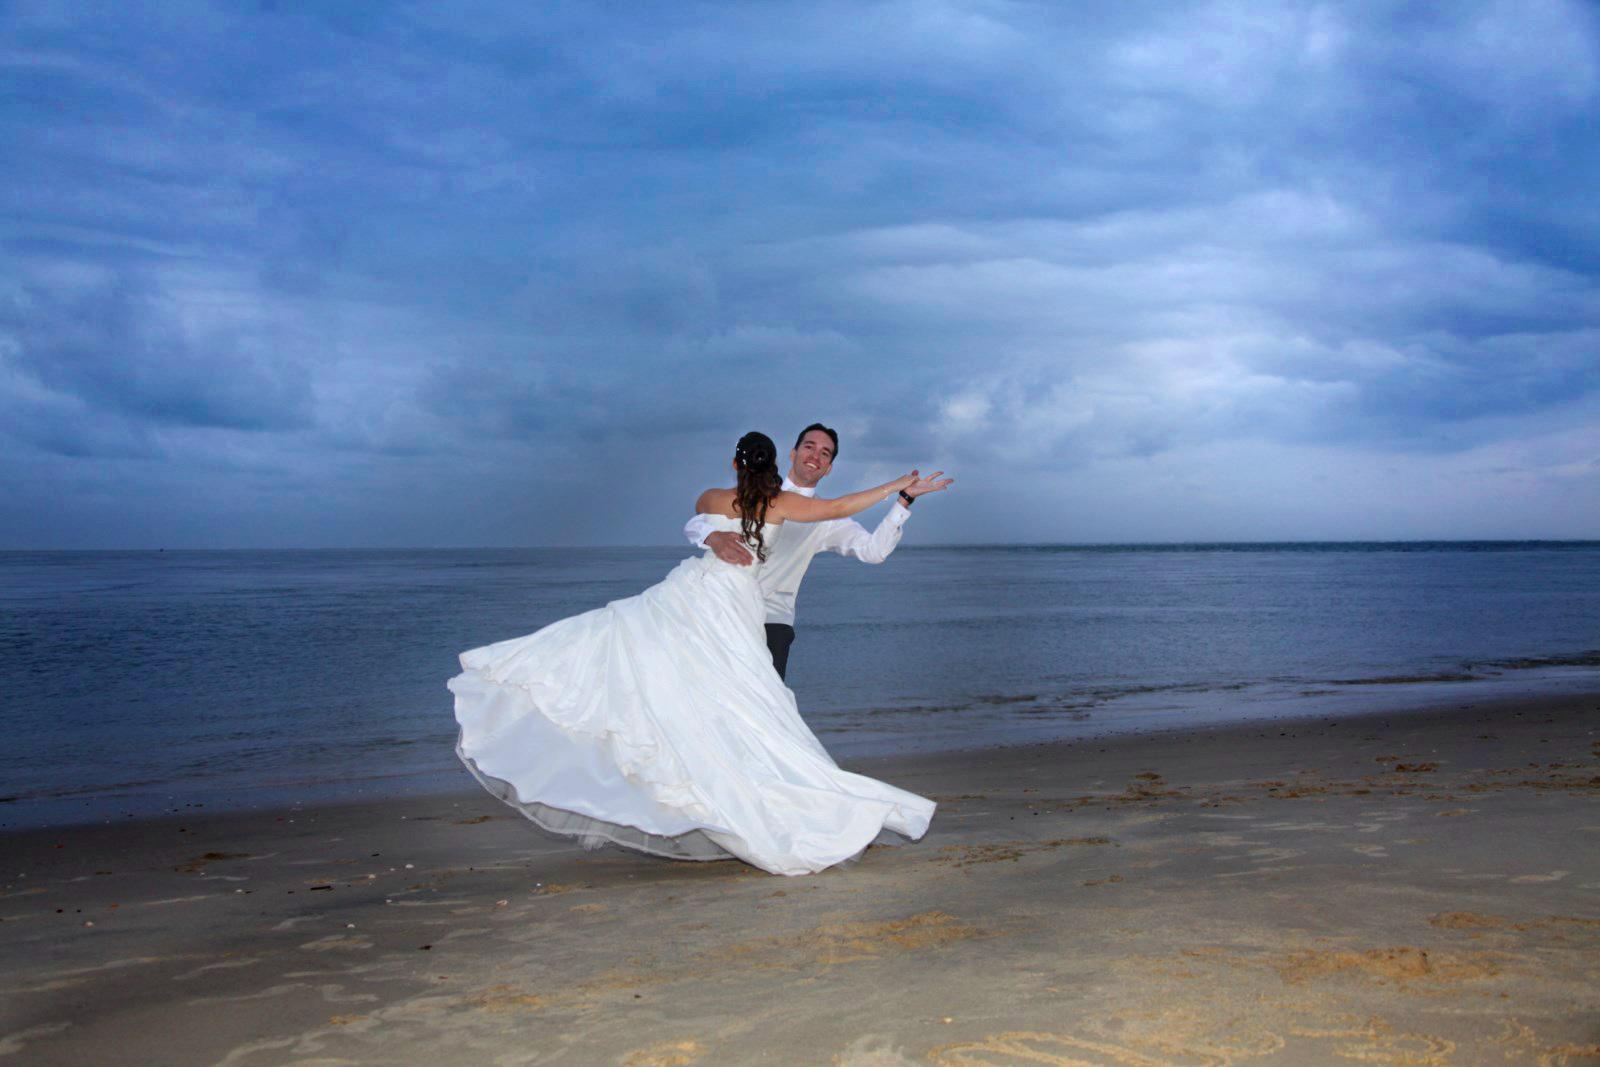 Photo mariage cap ferret plage 04.jpg